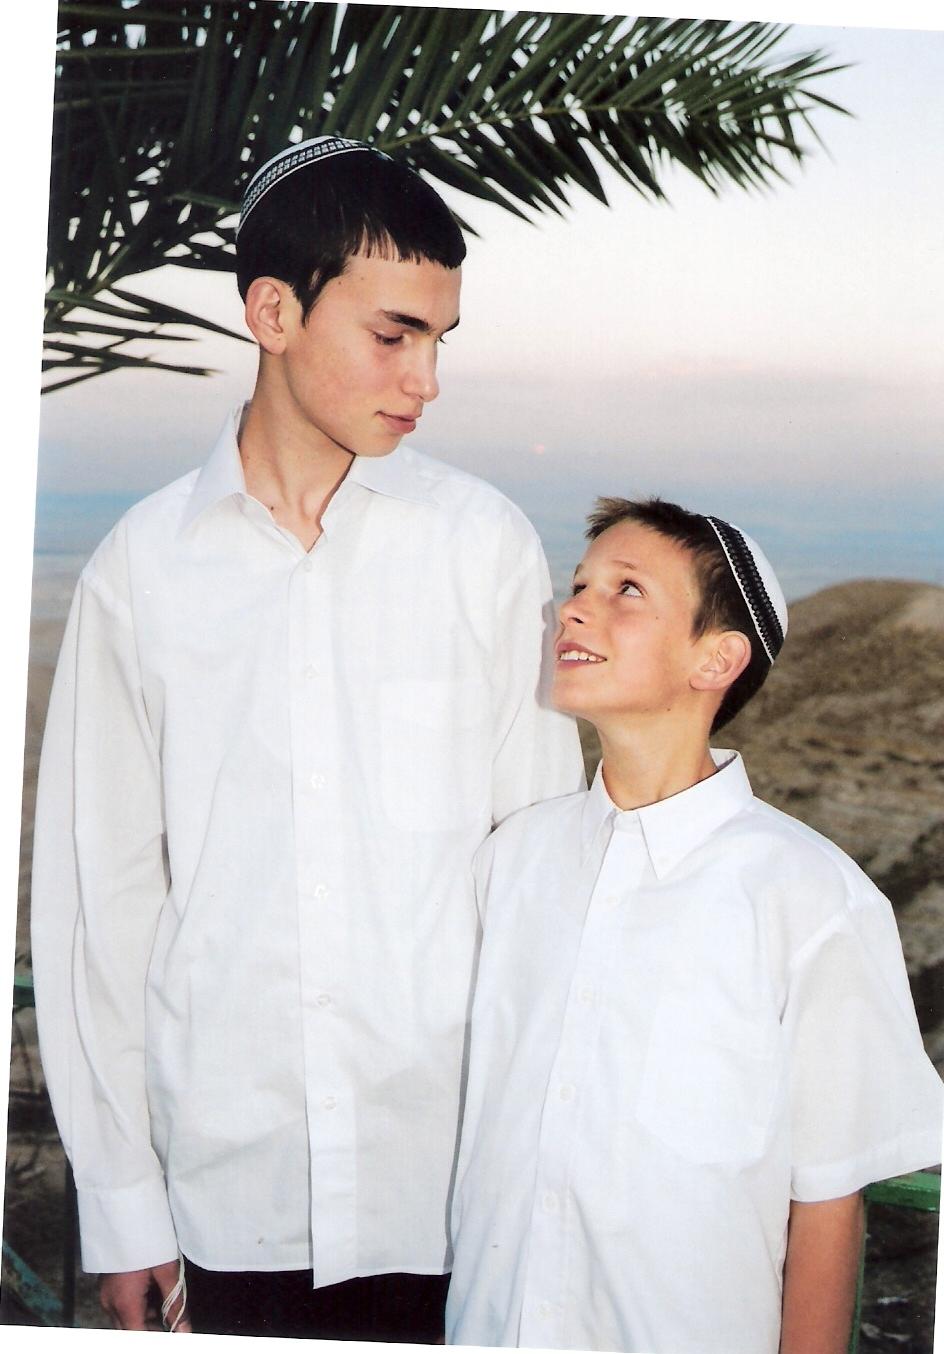 ישי ואריאל בבר מצווה של אריאל